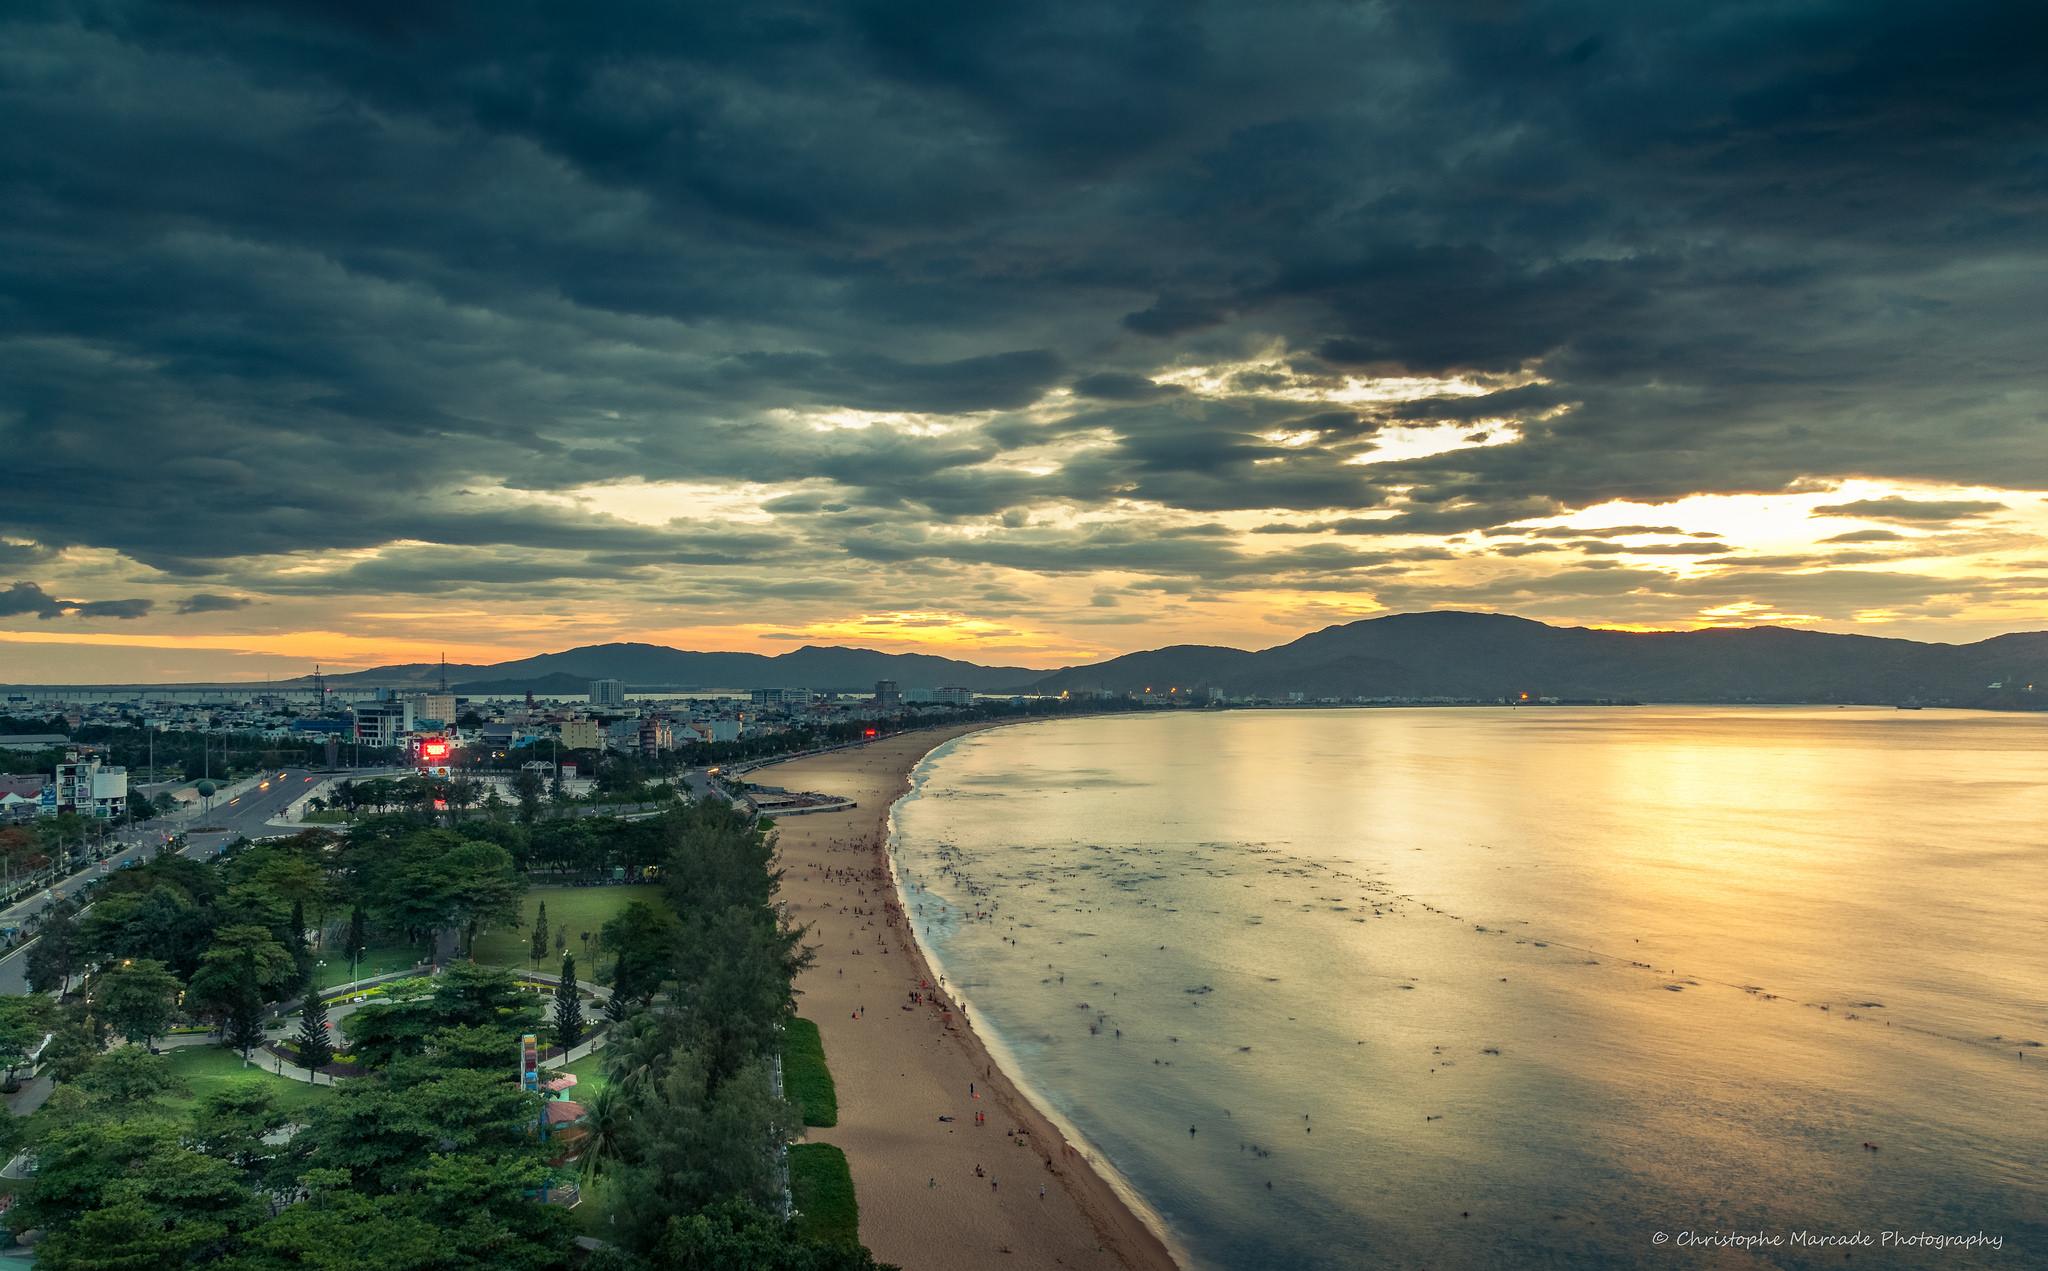 Bãi biển Qui Nhơn - Tp Qui Nhơn, Bình Định